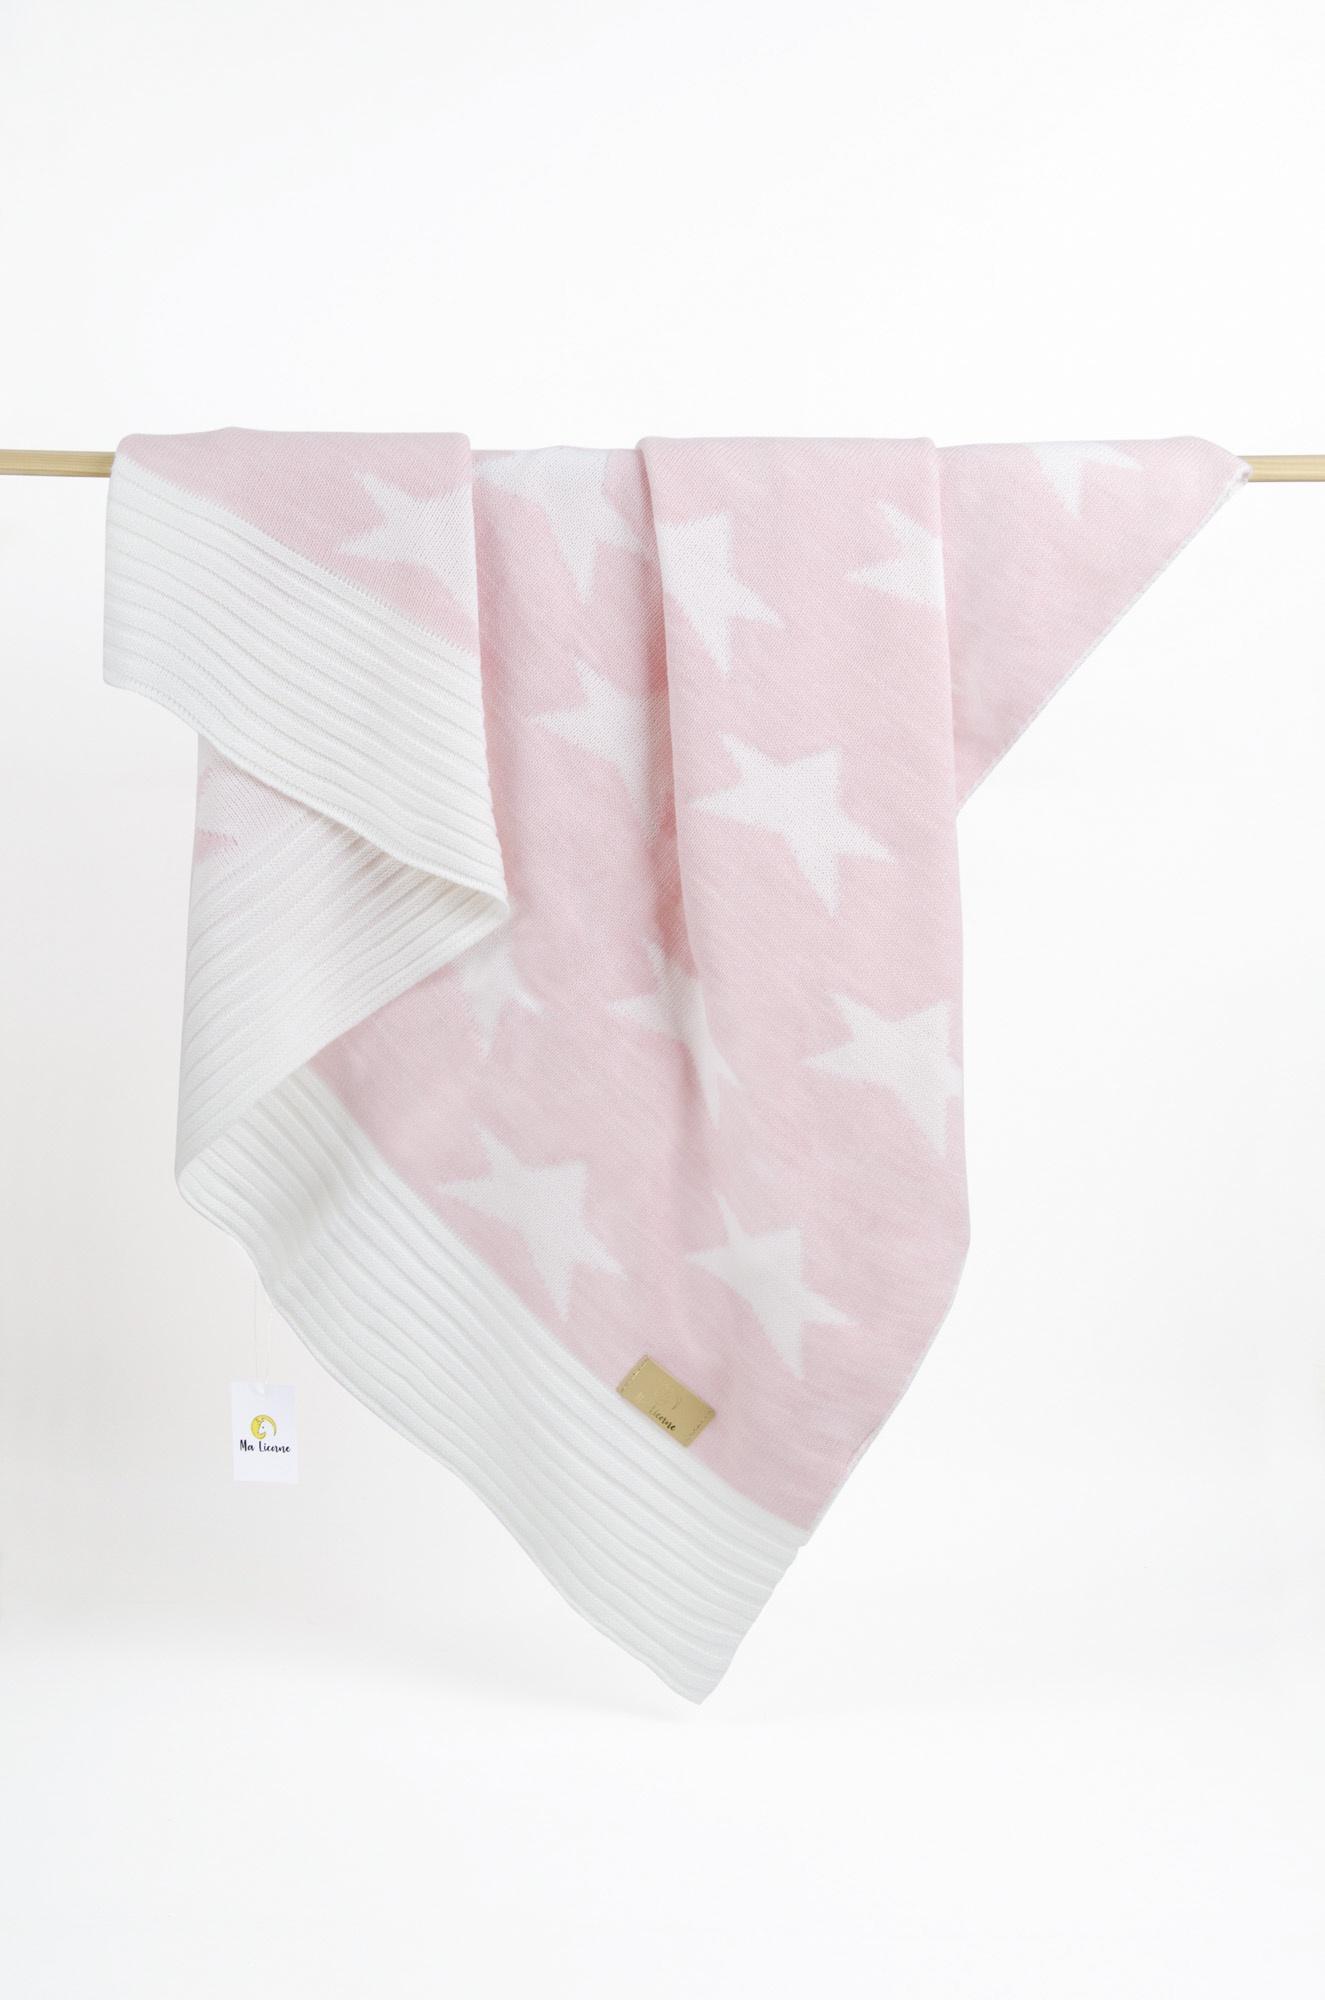 пледы Плед детский Ma Licorne Star rose (розовый), 1х1 м